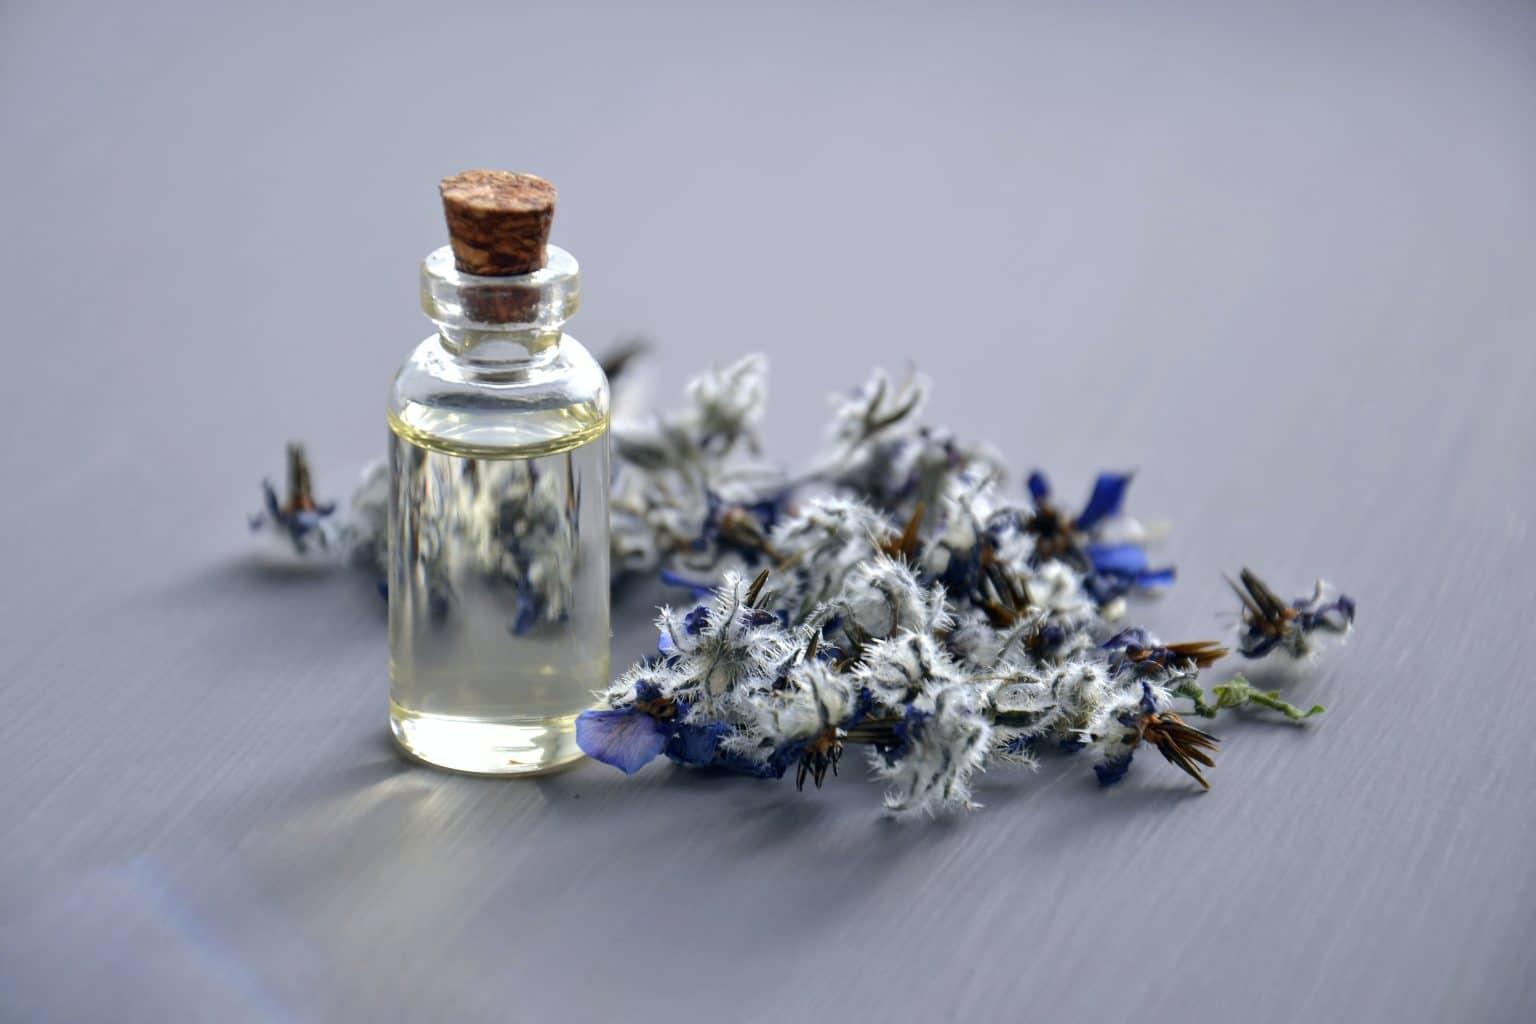 Ätherisches Öl in Glasflasche mit Kräutern